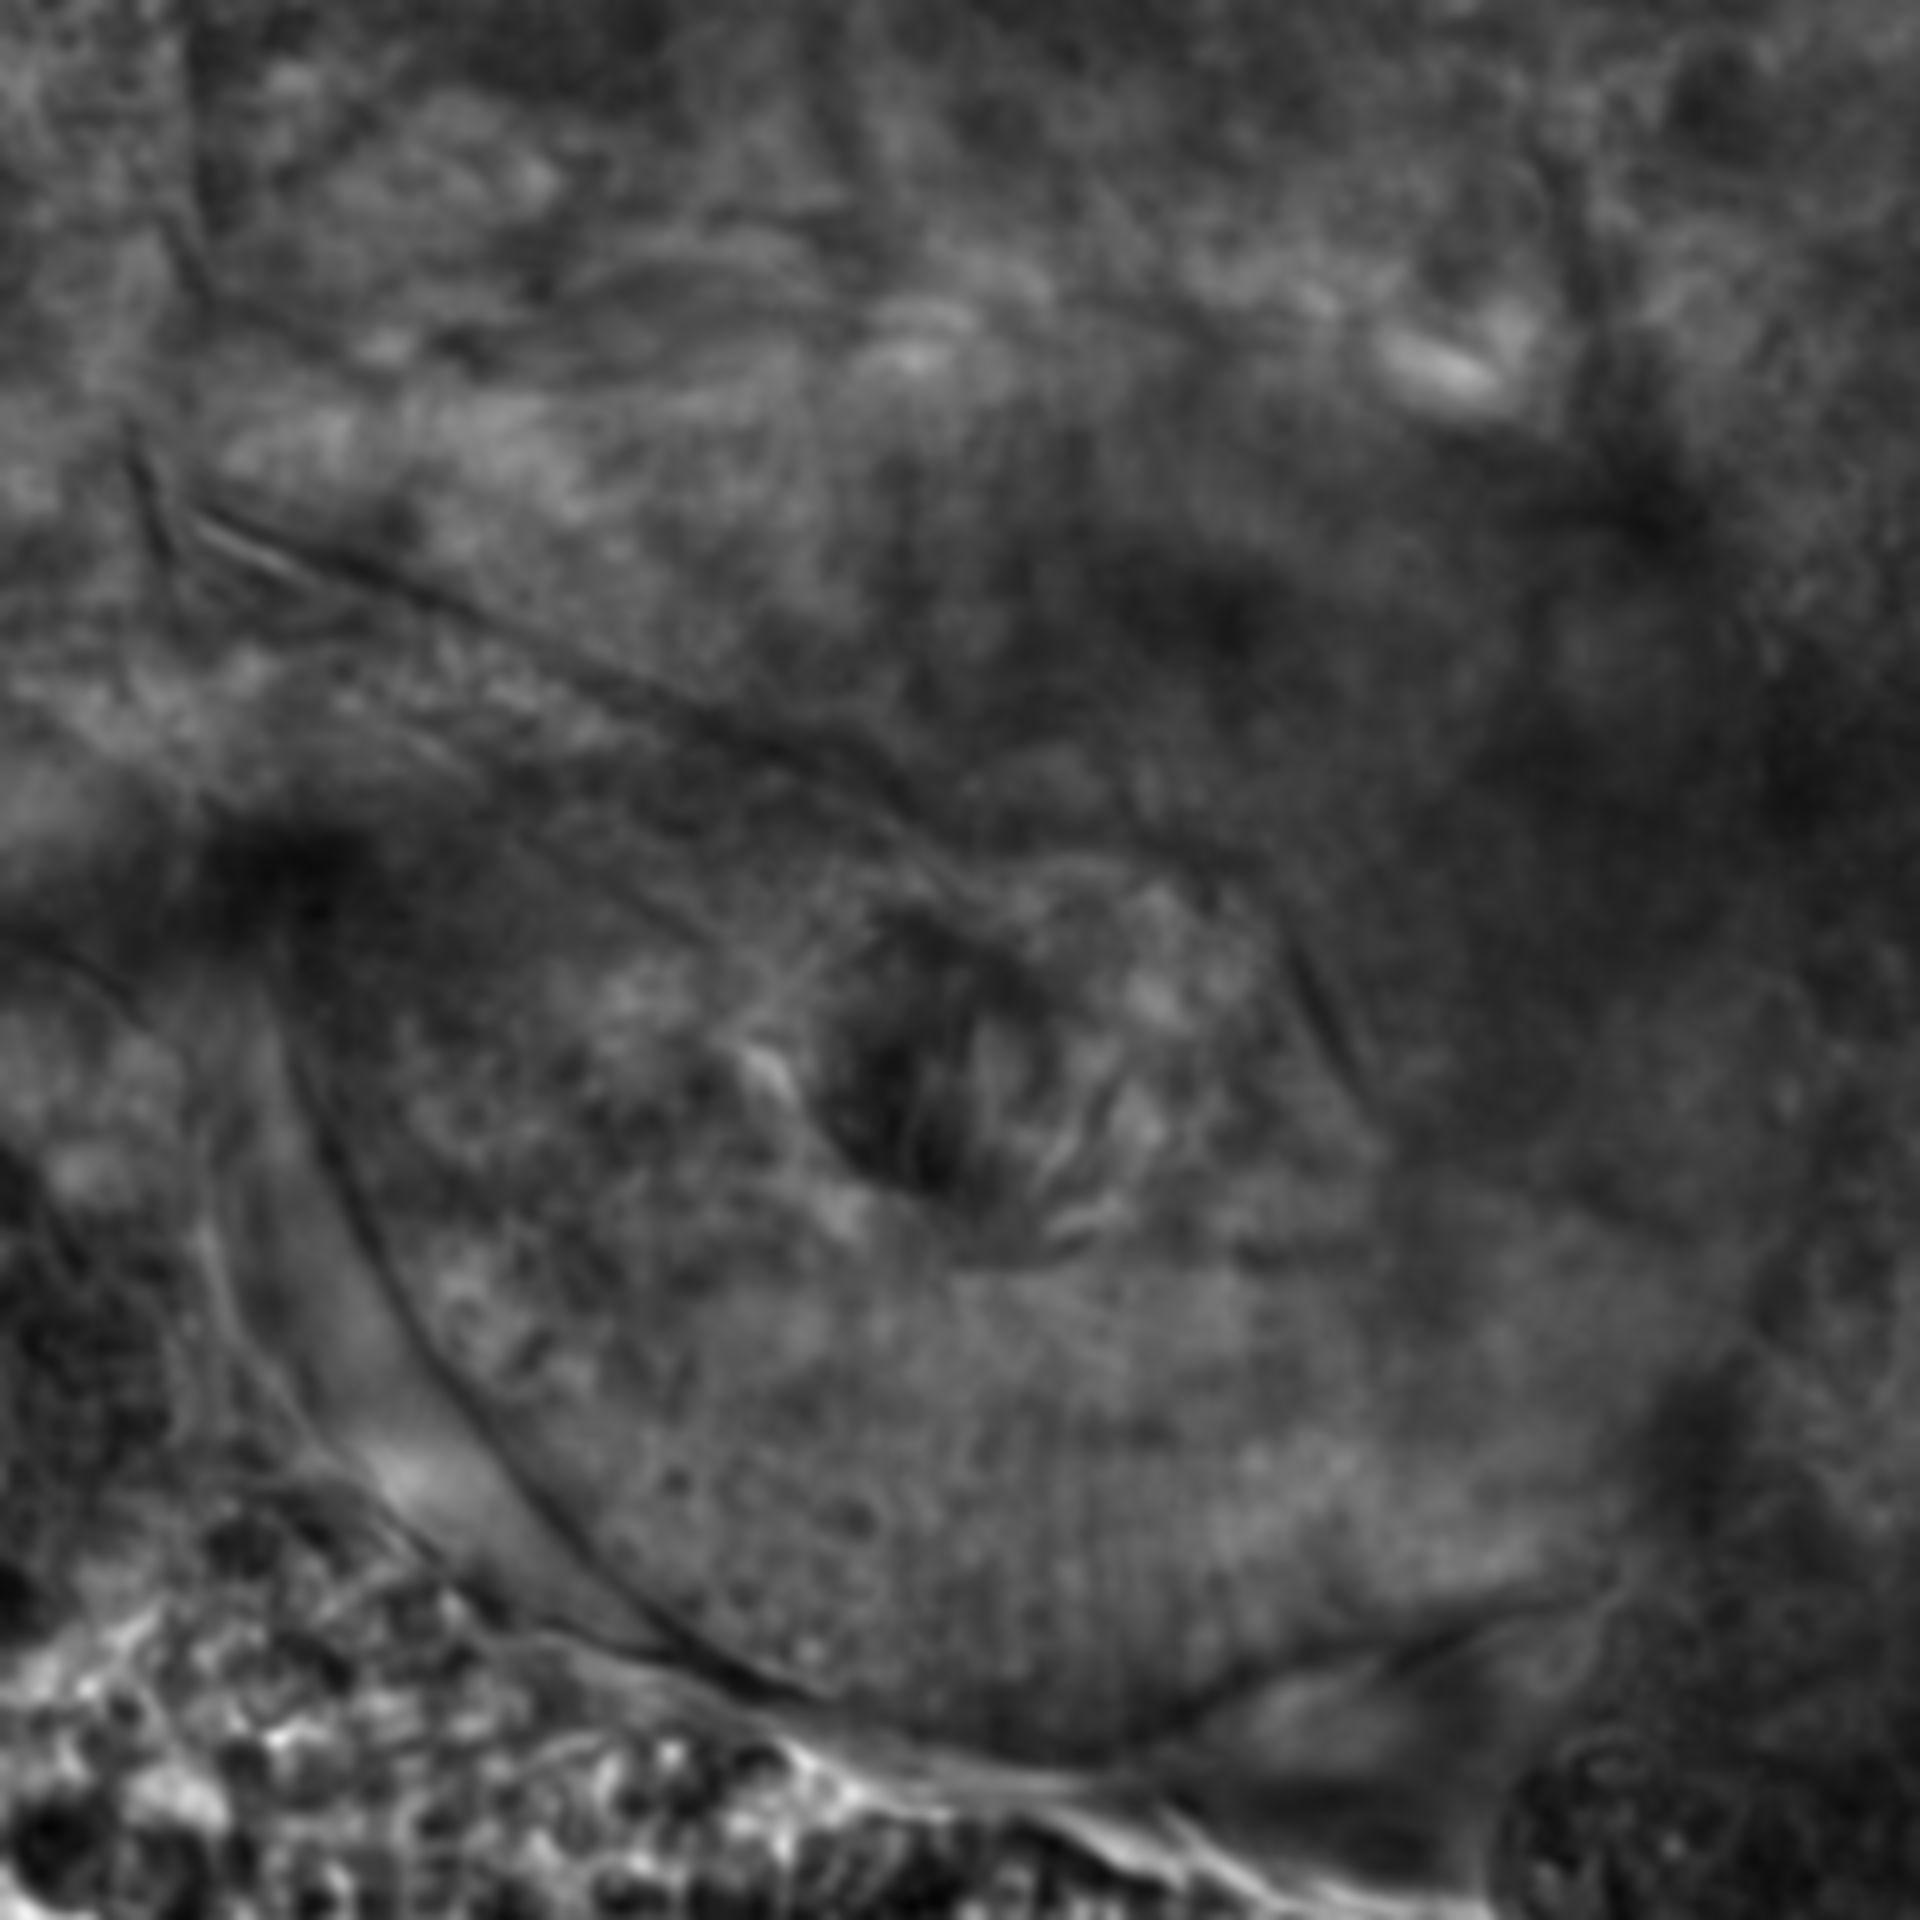 Caenorhabditis elegans - CIL:2244